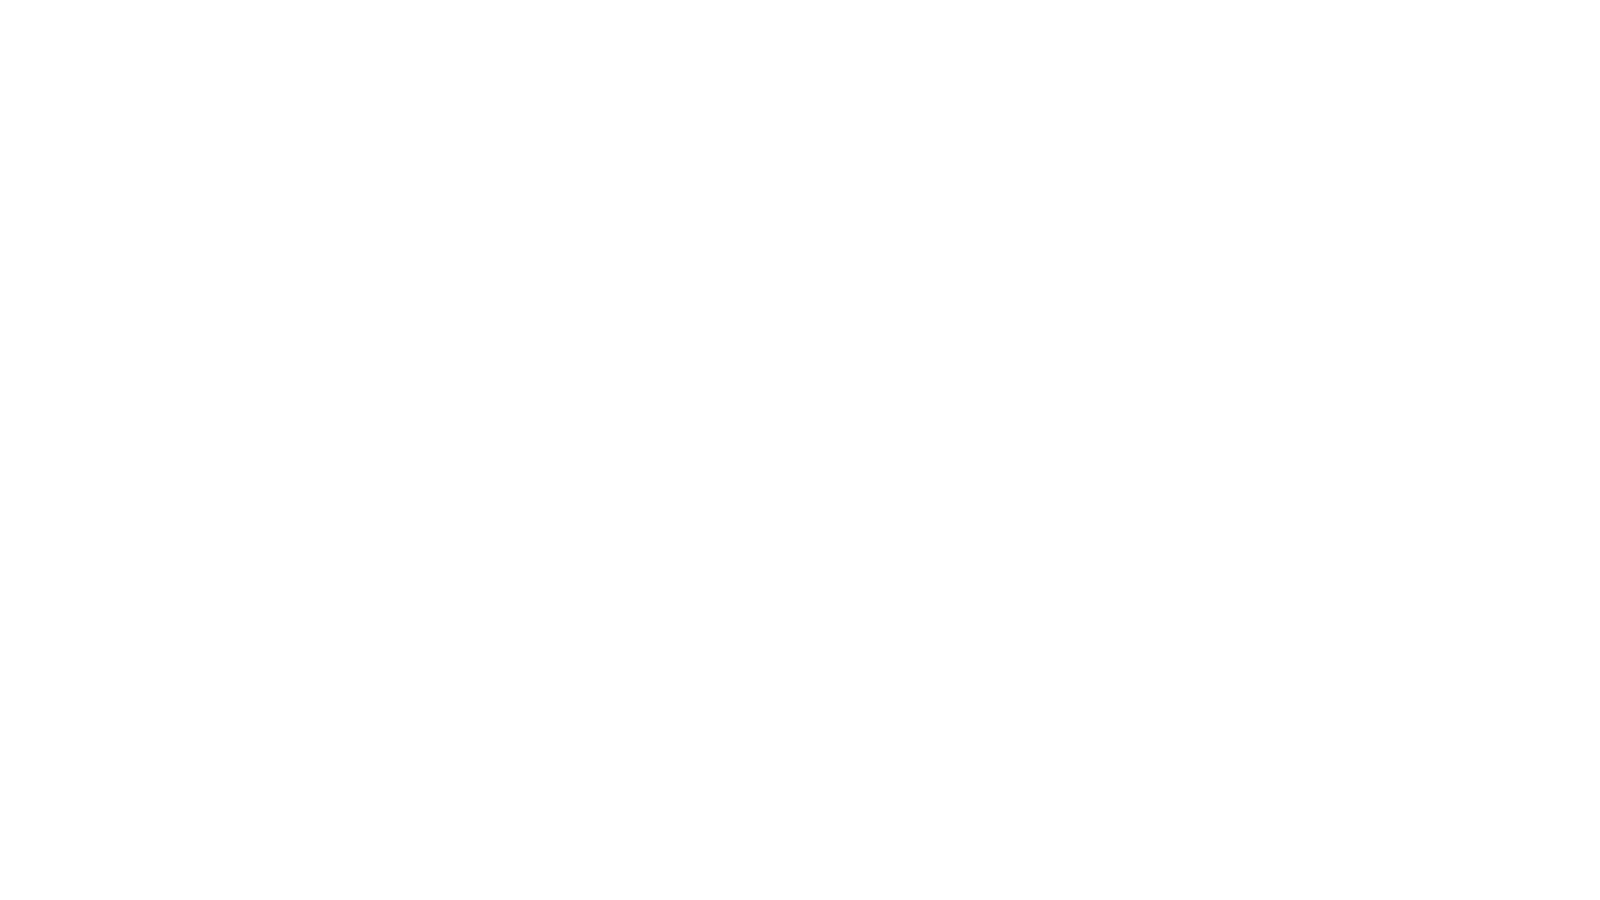 """💻 Cuarto conversatorio de camino al VI COMLAC, sobre """"La radio comunitaria: entre la interculturalidad y la convergencia tecnológica"""".  👩🏫👨🏫 Ponentes: ✅Joelma Viana. #Brasil. Rede de Notícias da Amazônia-Rede Católica de Rádio-Universidade da Amazônia - UNAMA- SIGNIS Brasil. ✅Ángel Barbas Coslado. #España. UNED - Universidad Nacional de Educación a Distancia- RICCAP). ✅Mauro Cerbino. #Italia #Ecuador. Flacso Ecuador.  Fecha: 7 de octubre 2021  ⏰14:00 Colombia, México, Ecuador, Panamá, Perú ⏰15:00 Bolivia, Cuba, Paraguay, República Dominicana, Venezuela, ⏰16:00 Argentina, Brasil, Chile, Uruguay ⏰21:00 España  💻 Transmisión: Fanpage y Youtube COMLAC  Conoce más ➡https://bit.ly/3Cm4rvR"""